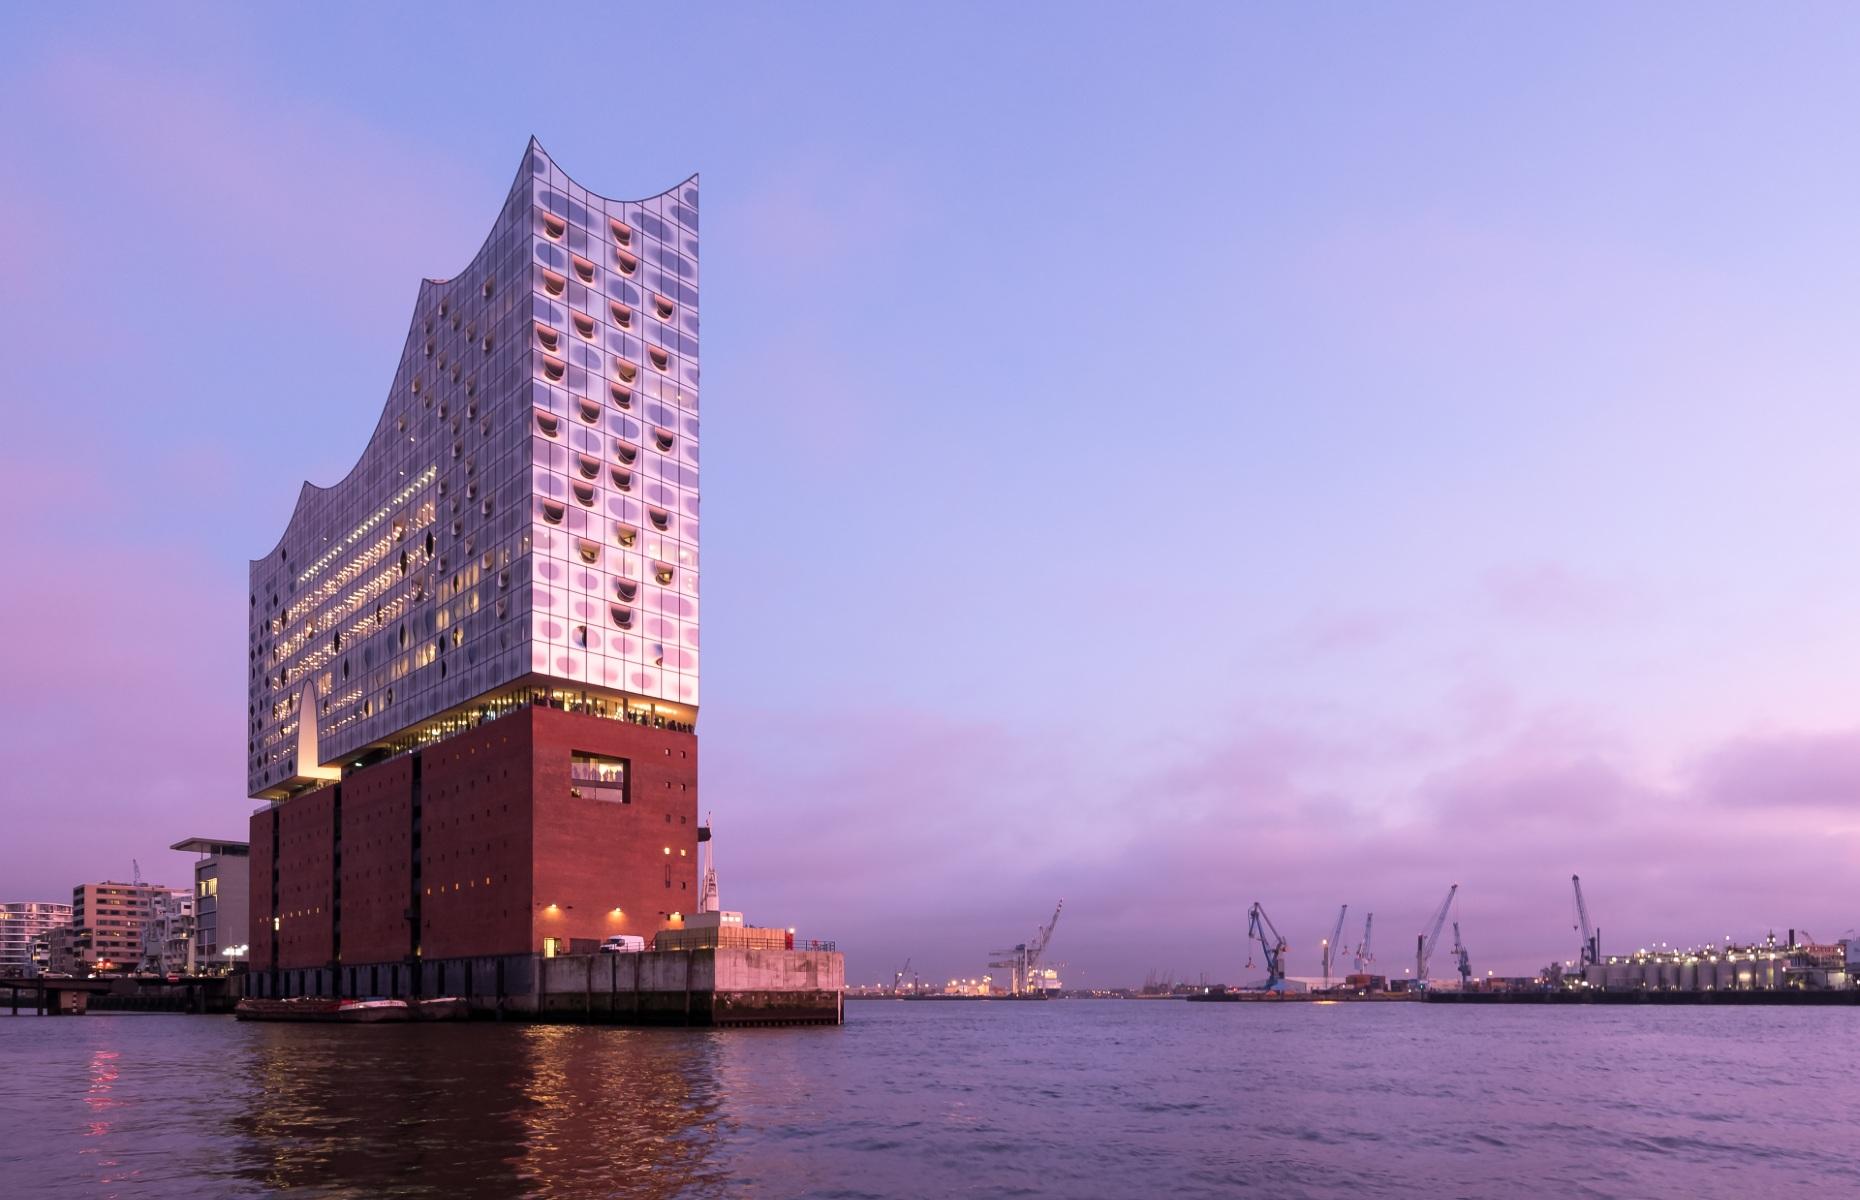 Elbphilharmonie, Hamburg, Germany (Credit: Bjoern Wylezich/Shutterstock)